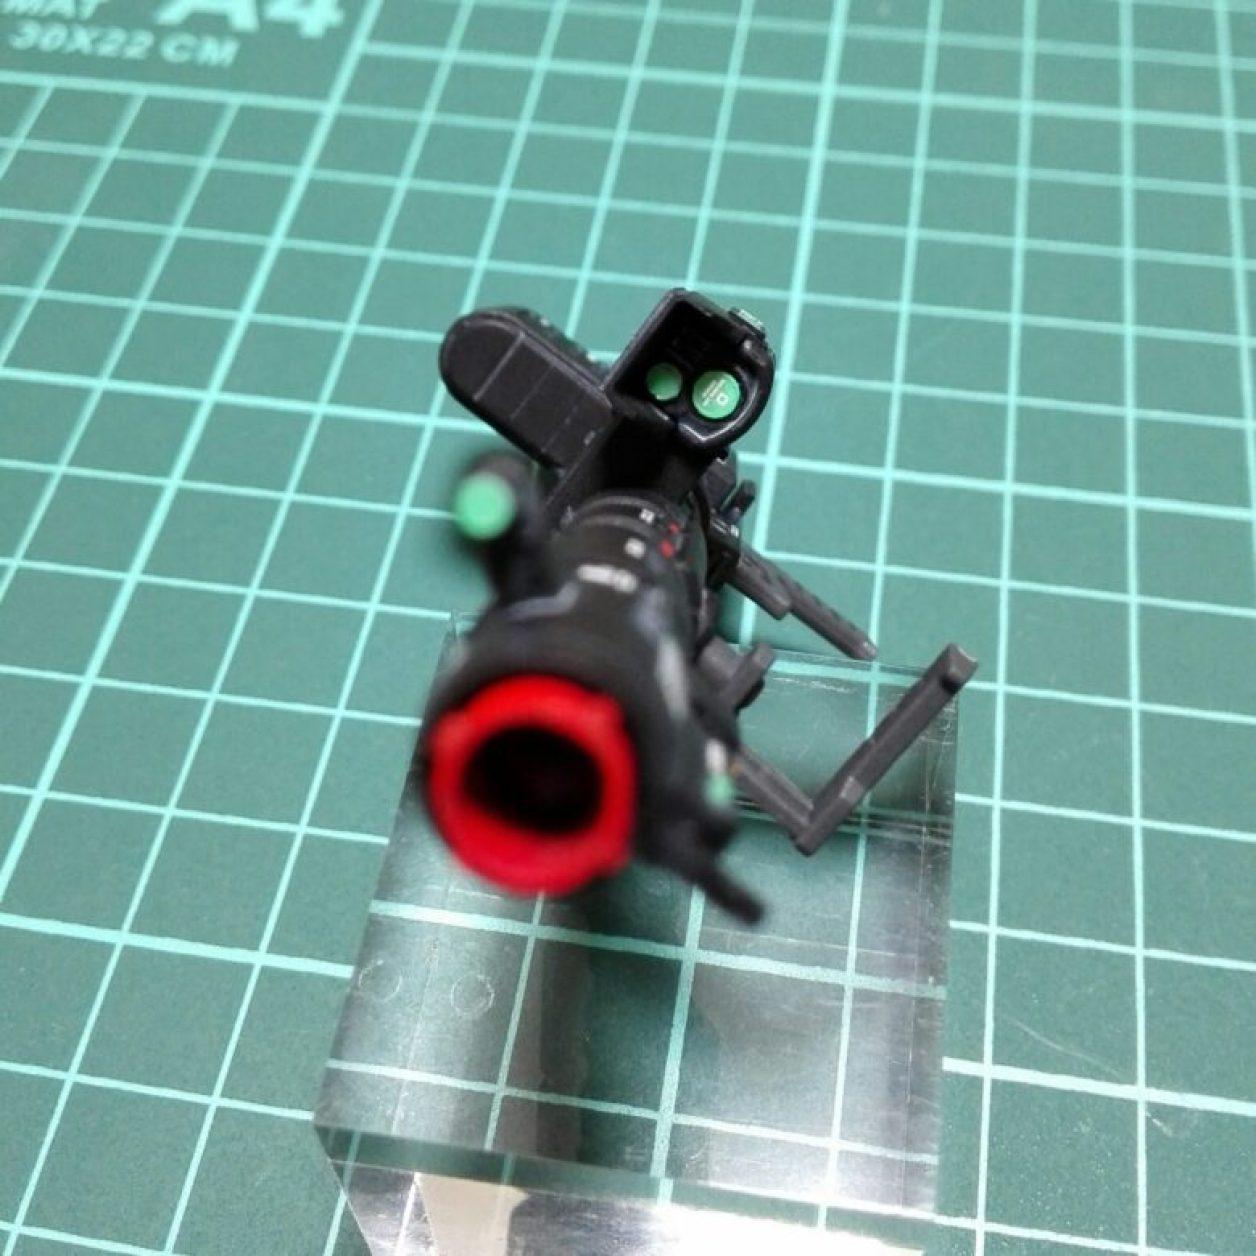 hg ジョニー・ライデン専用ゲルググのロケット・ランチャーに水転写デカールを貼付けた画像